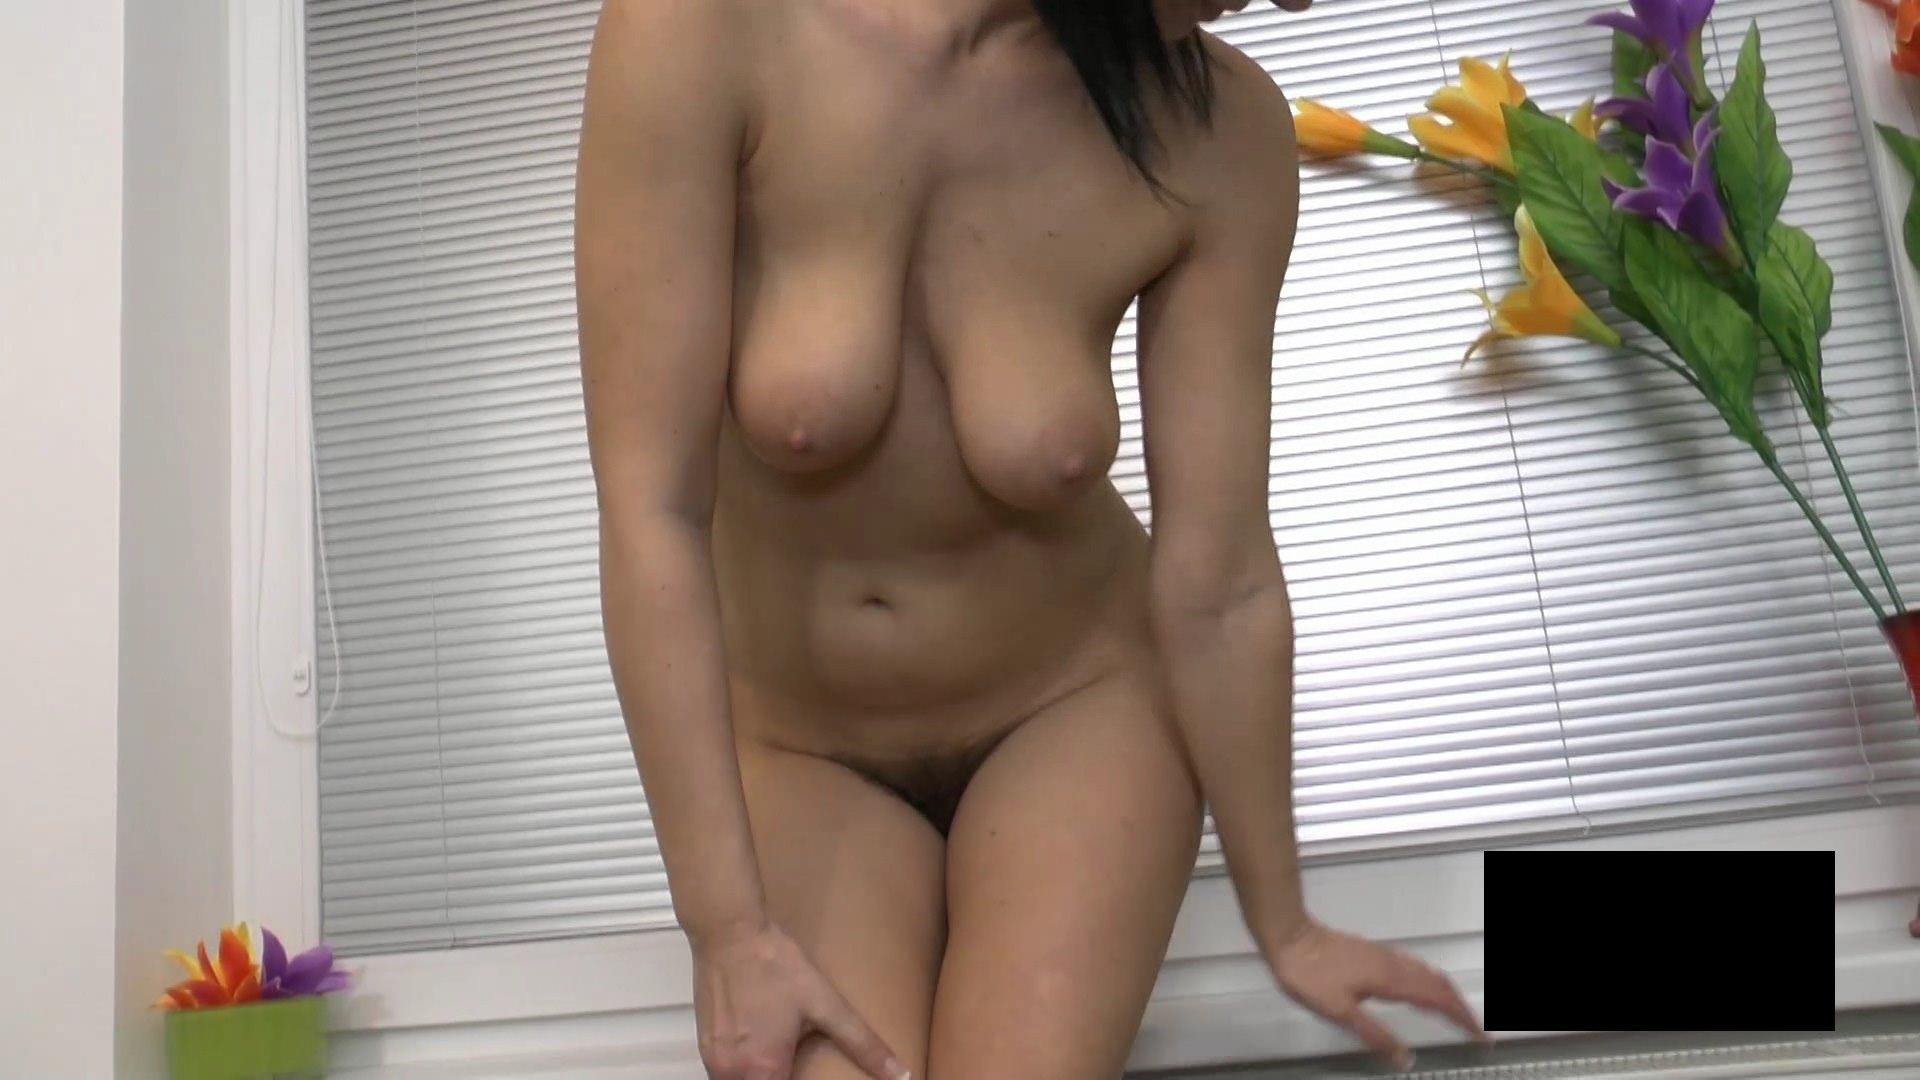 脂肪たっぷりの東欧熟女の脱衣ヌード画像貼ってくwwwwwwwww 2tbS7KO